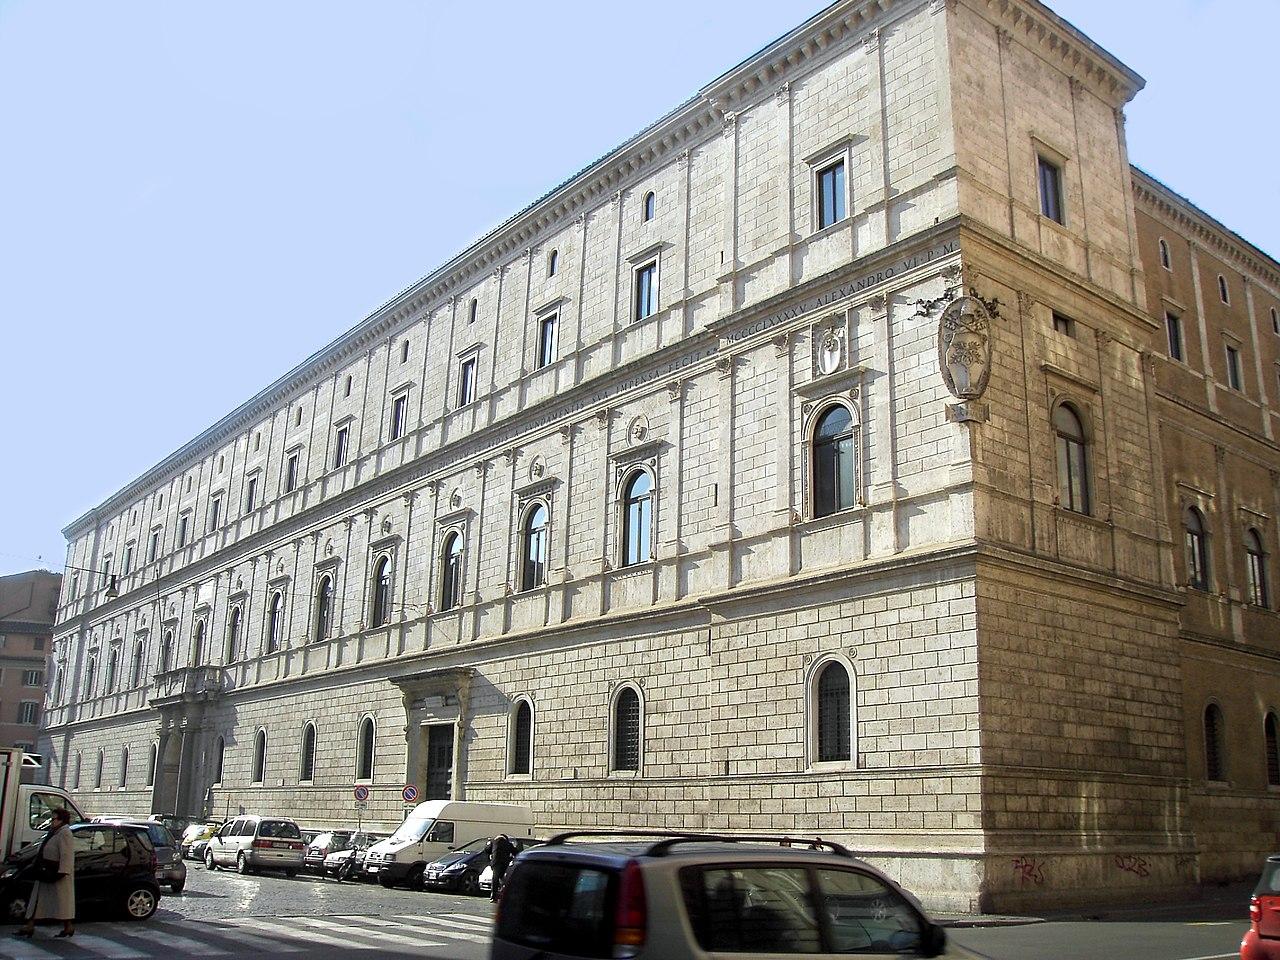 1280px-Parione_-_palazzo_Riario_o_Cancelleria_nuova_1628.JPG